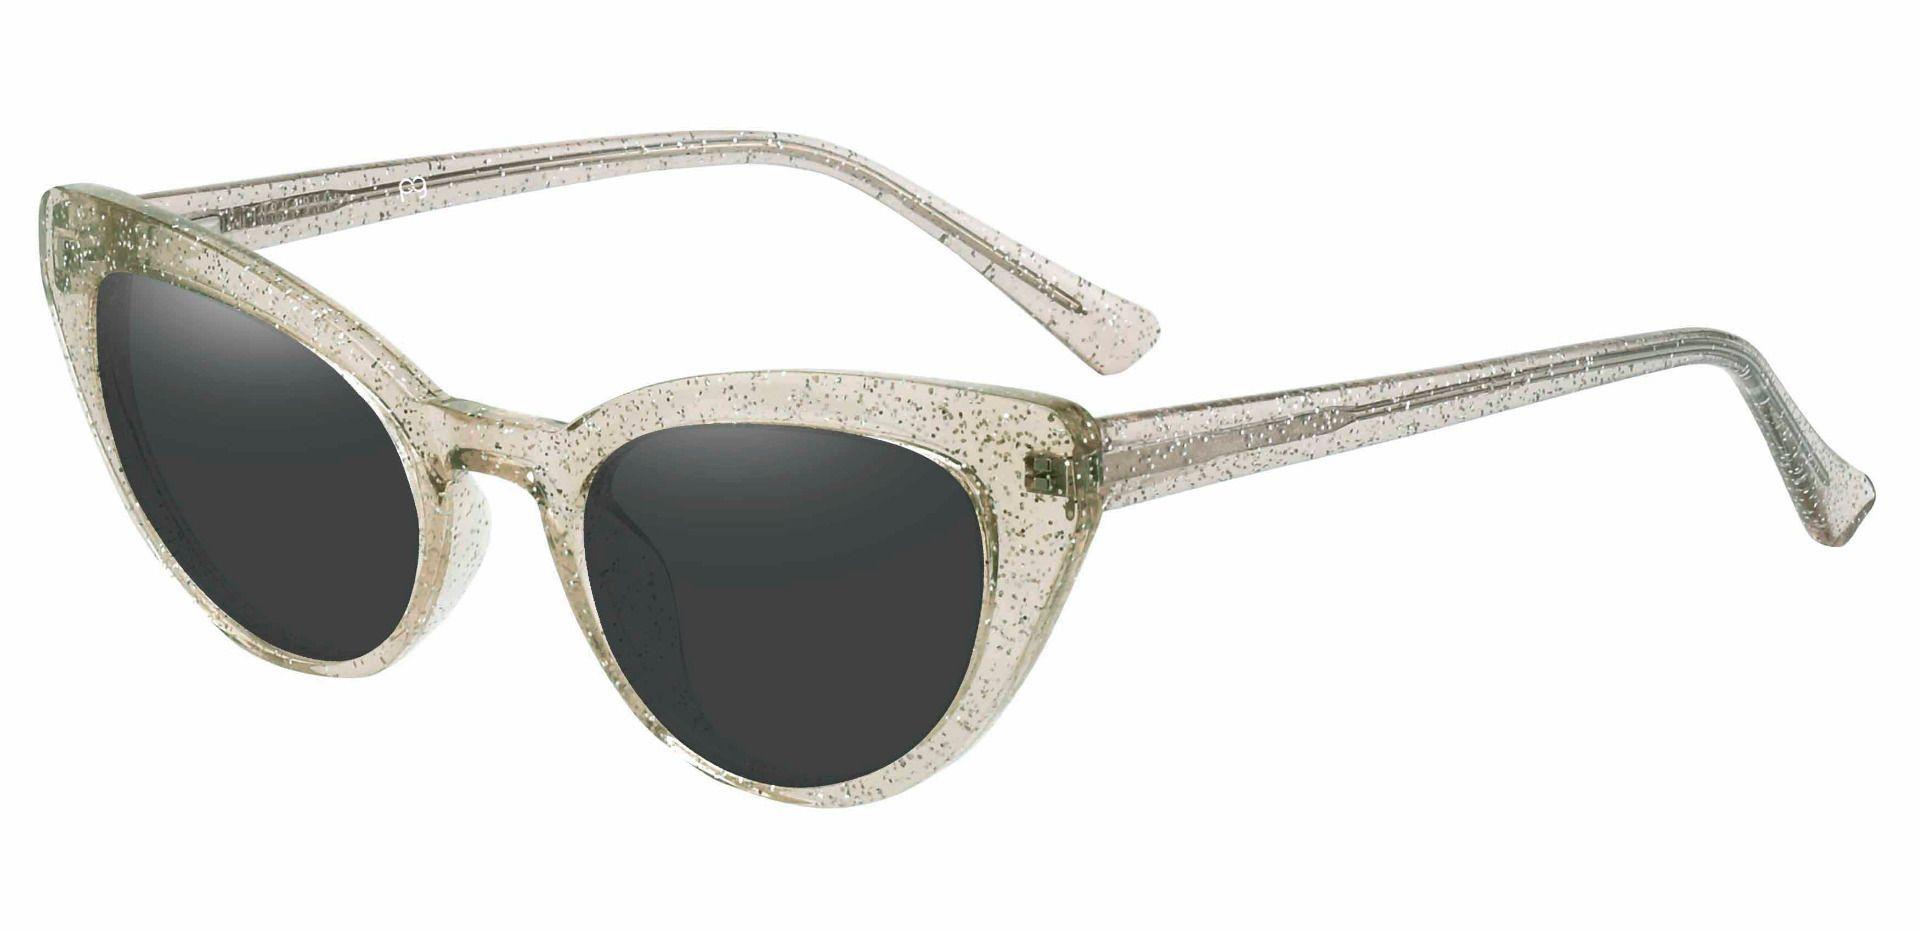 June Cat Eye Prescription Sunglasses - Brown Frame With Gray Lenses